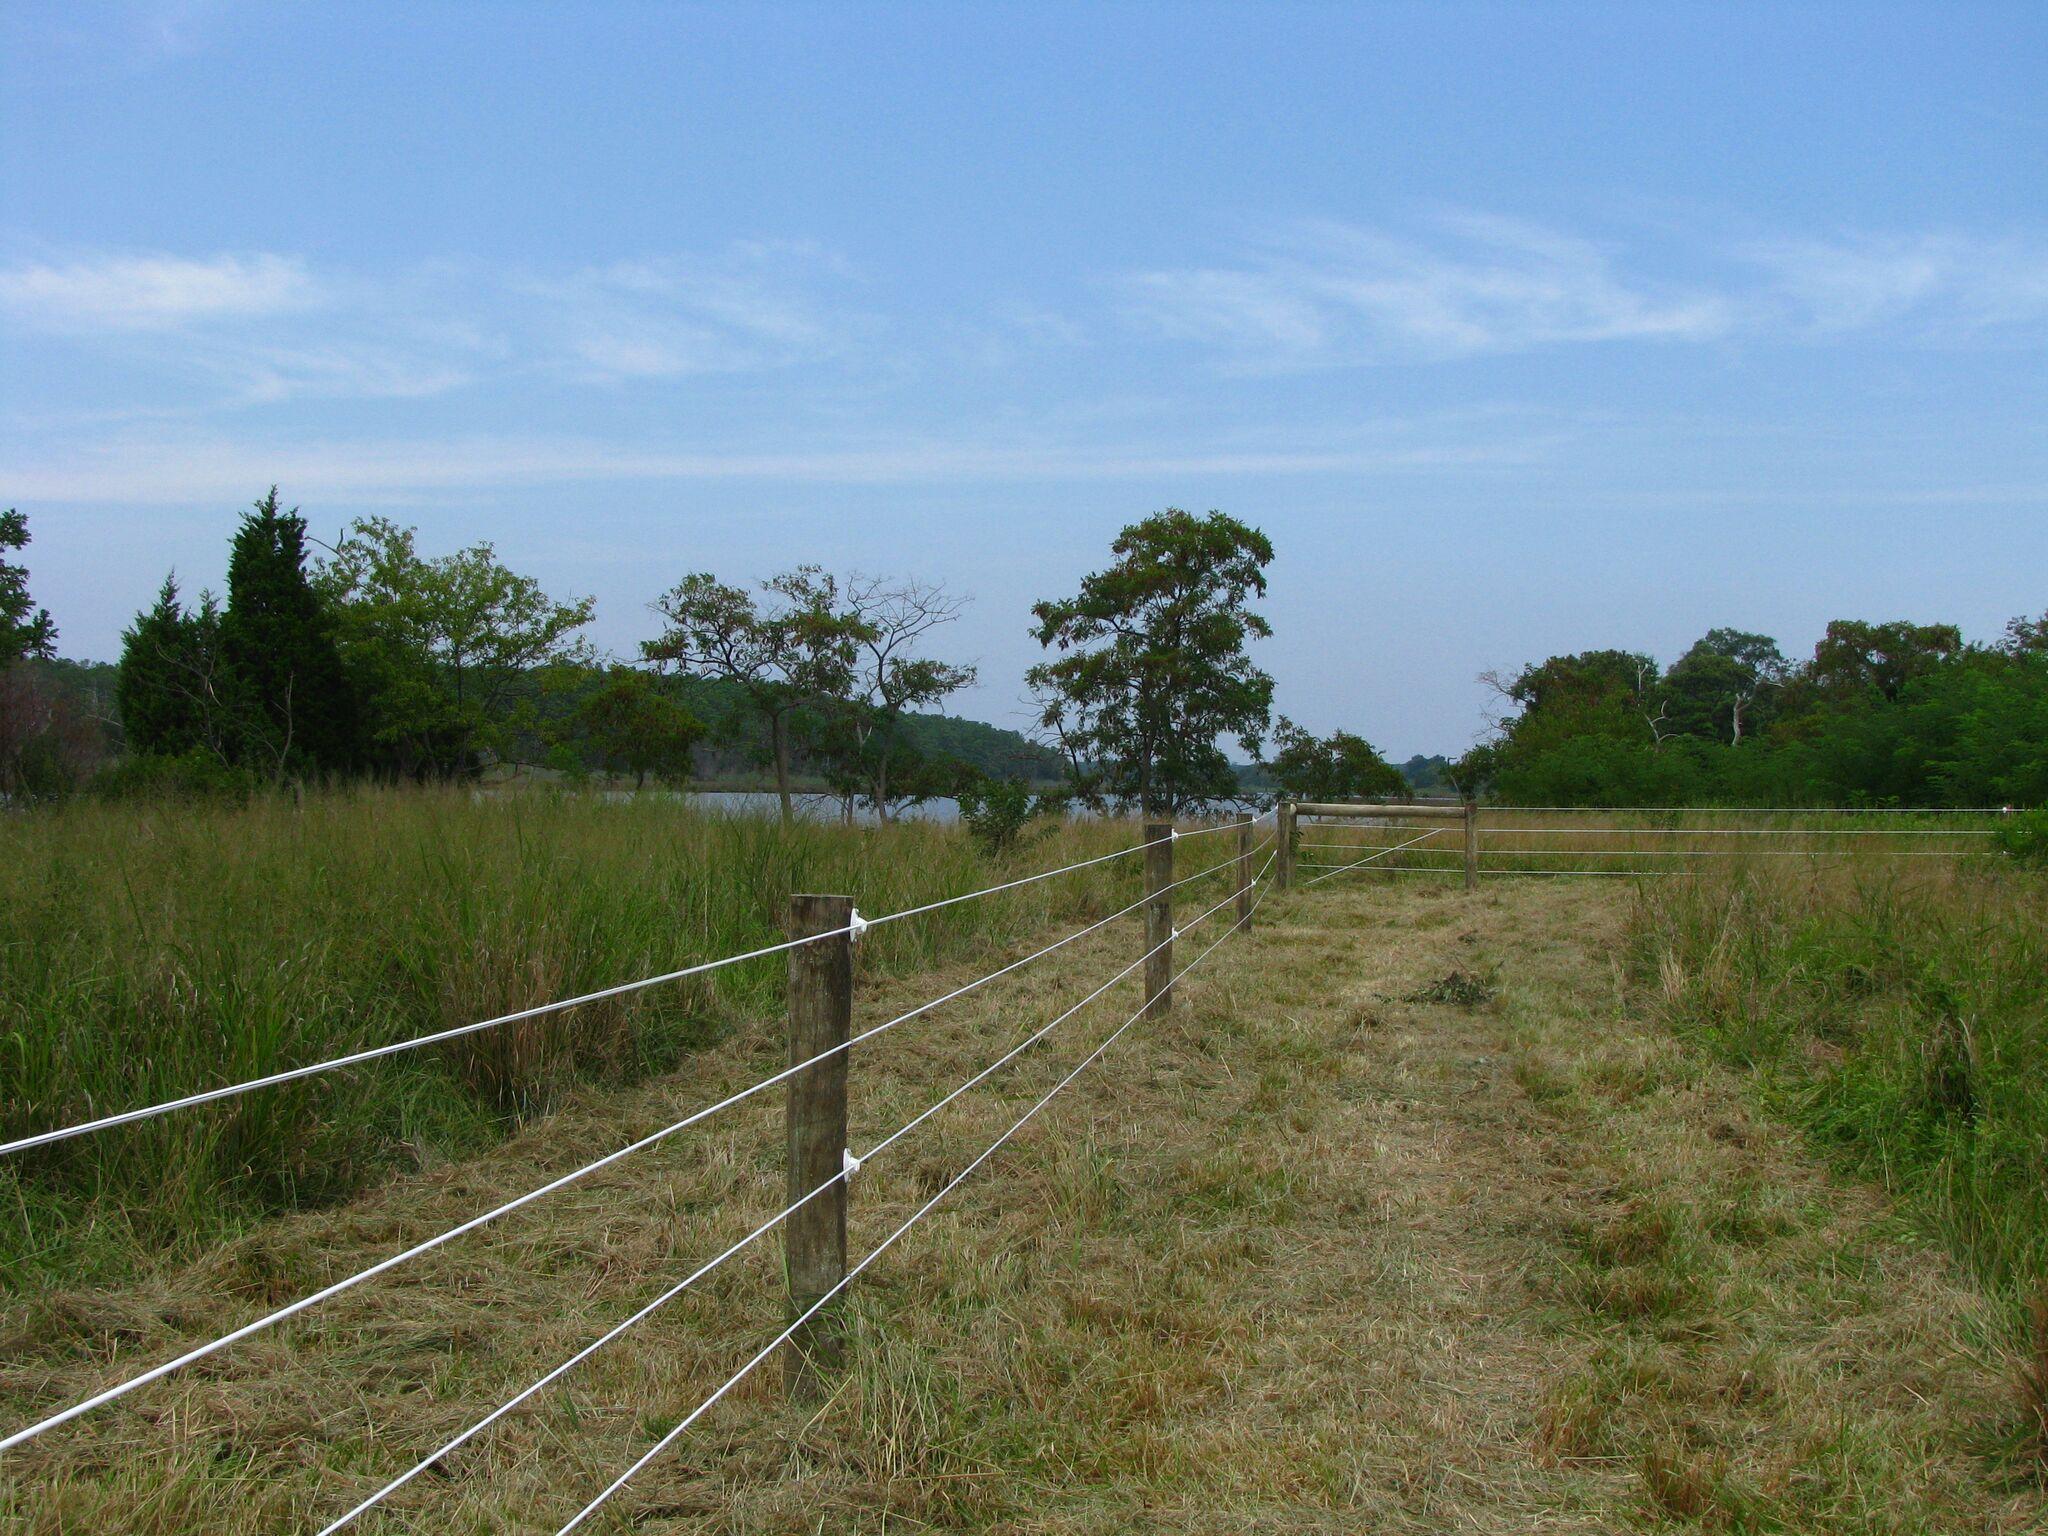 Fence Company in Waynesboro, PA - Fence Installation | ProFence